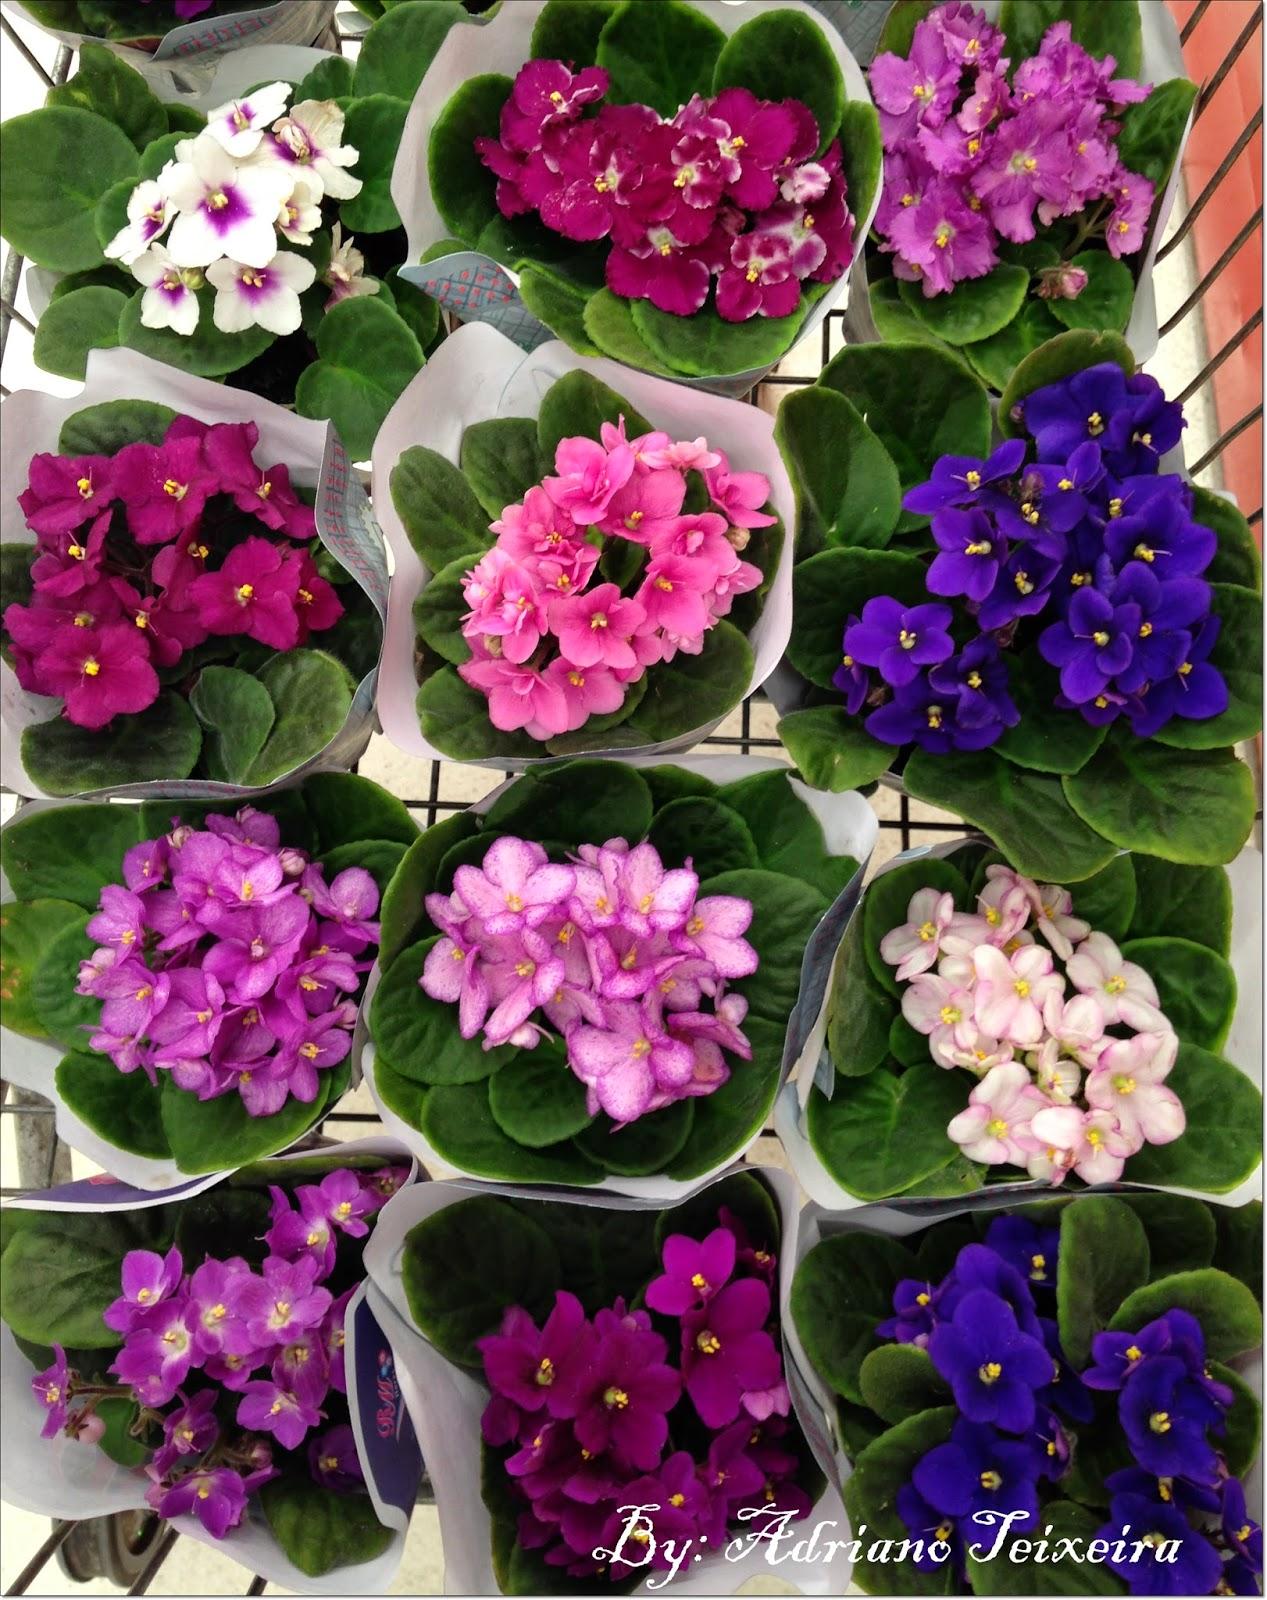 Galérias de imágenes de Flores Pedia Florespedia com